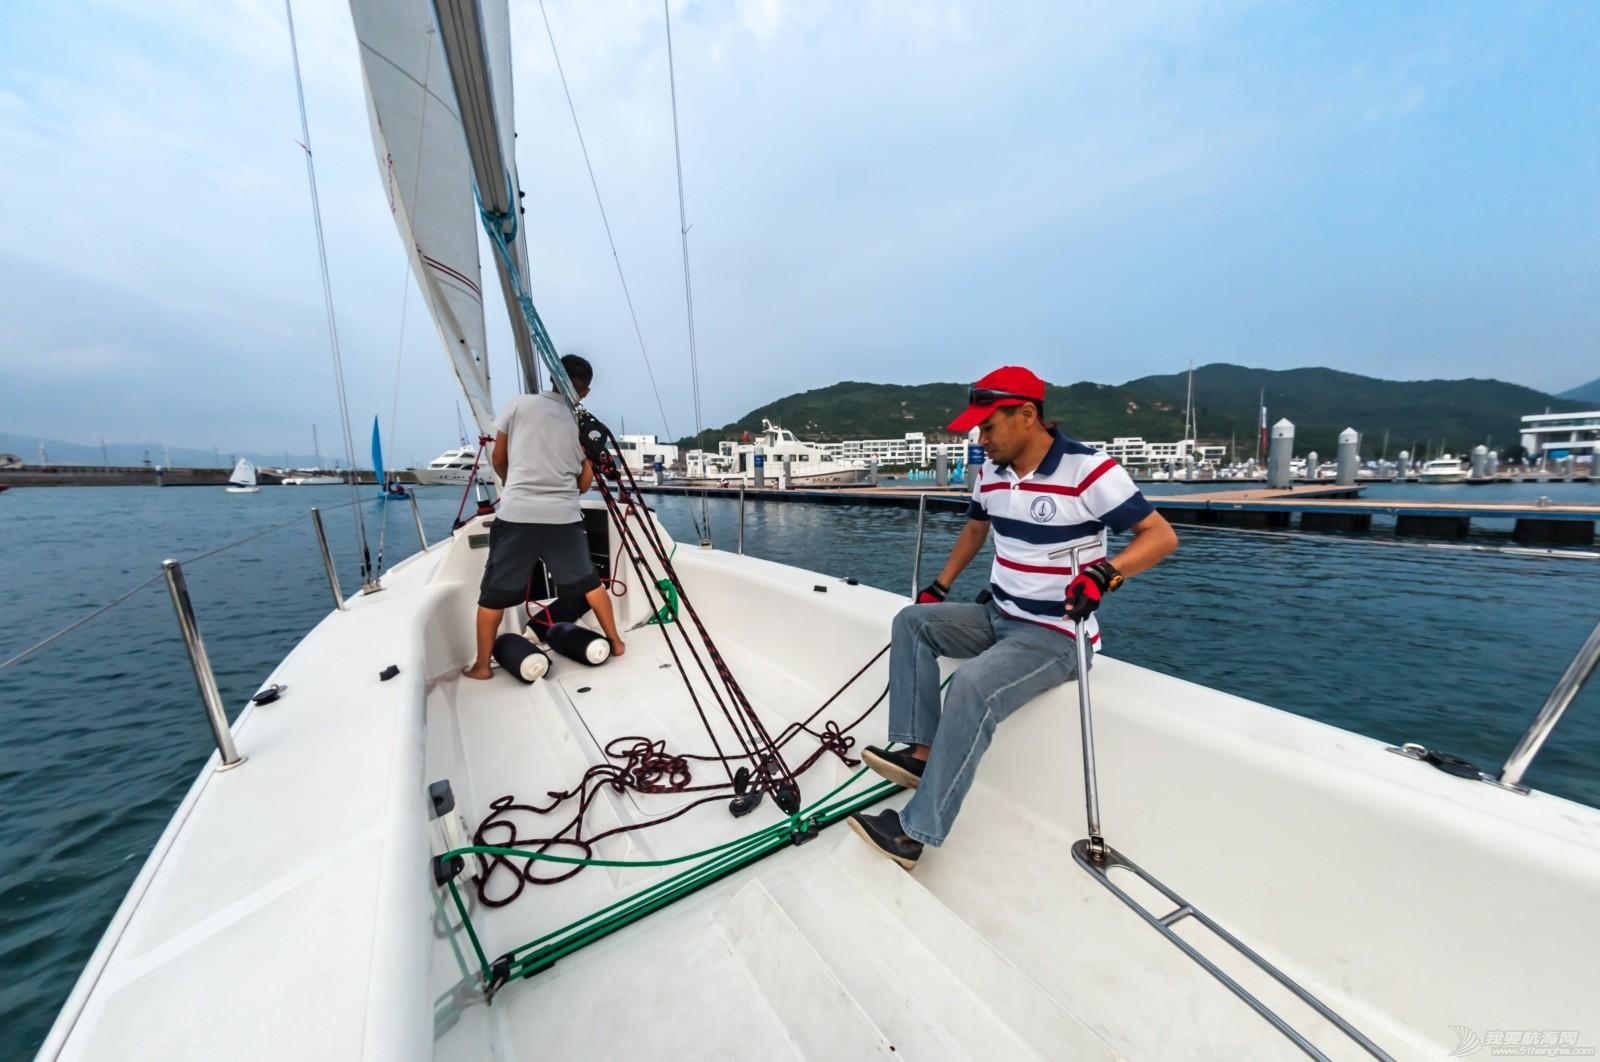 帆船 【2015大鹏杯帆船赛】鱼眼看航海 16044.jpg